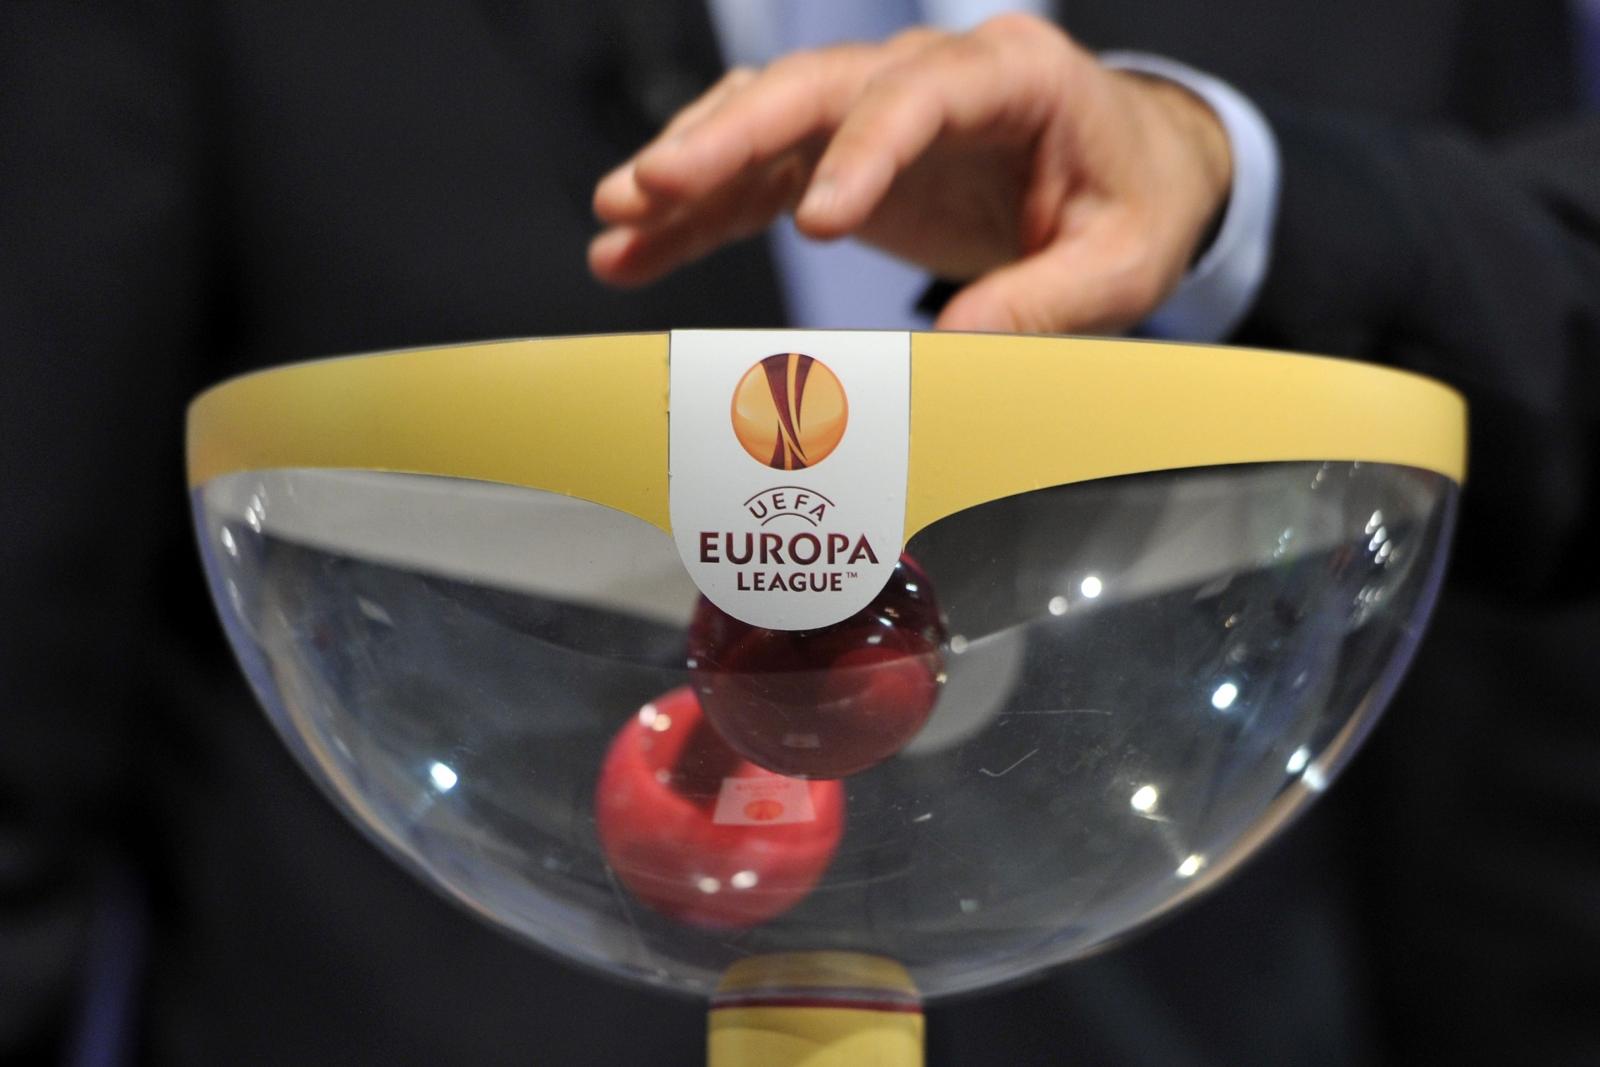 UEFA AVRUPA LİGİ'NDE KURALAR ÇEKİLİYOR